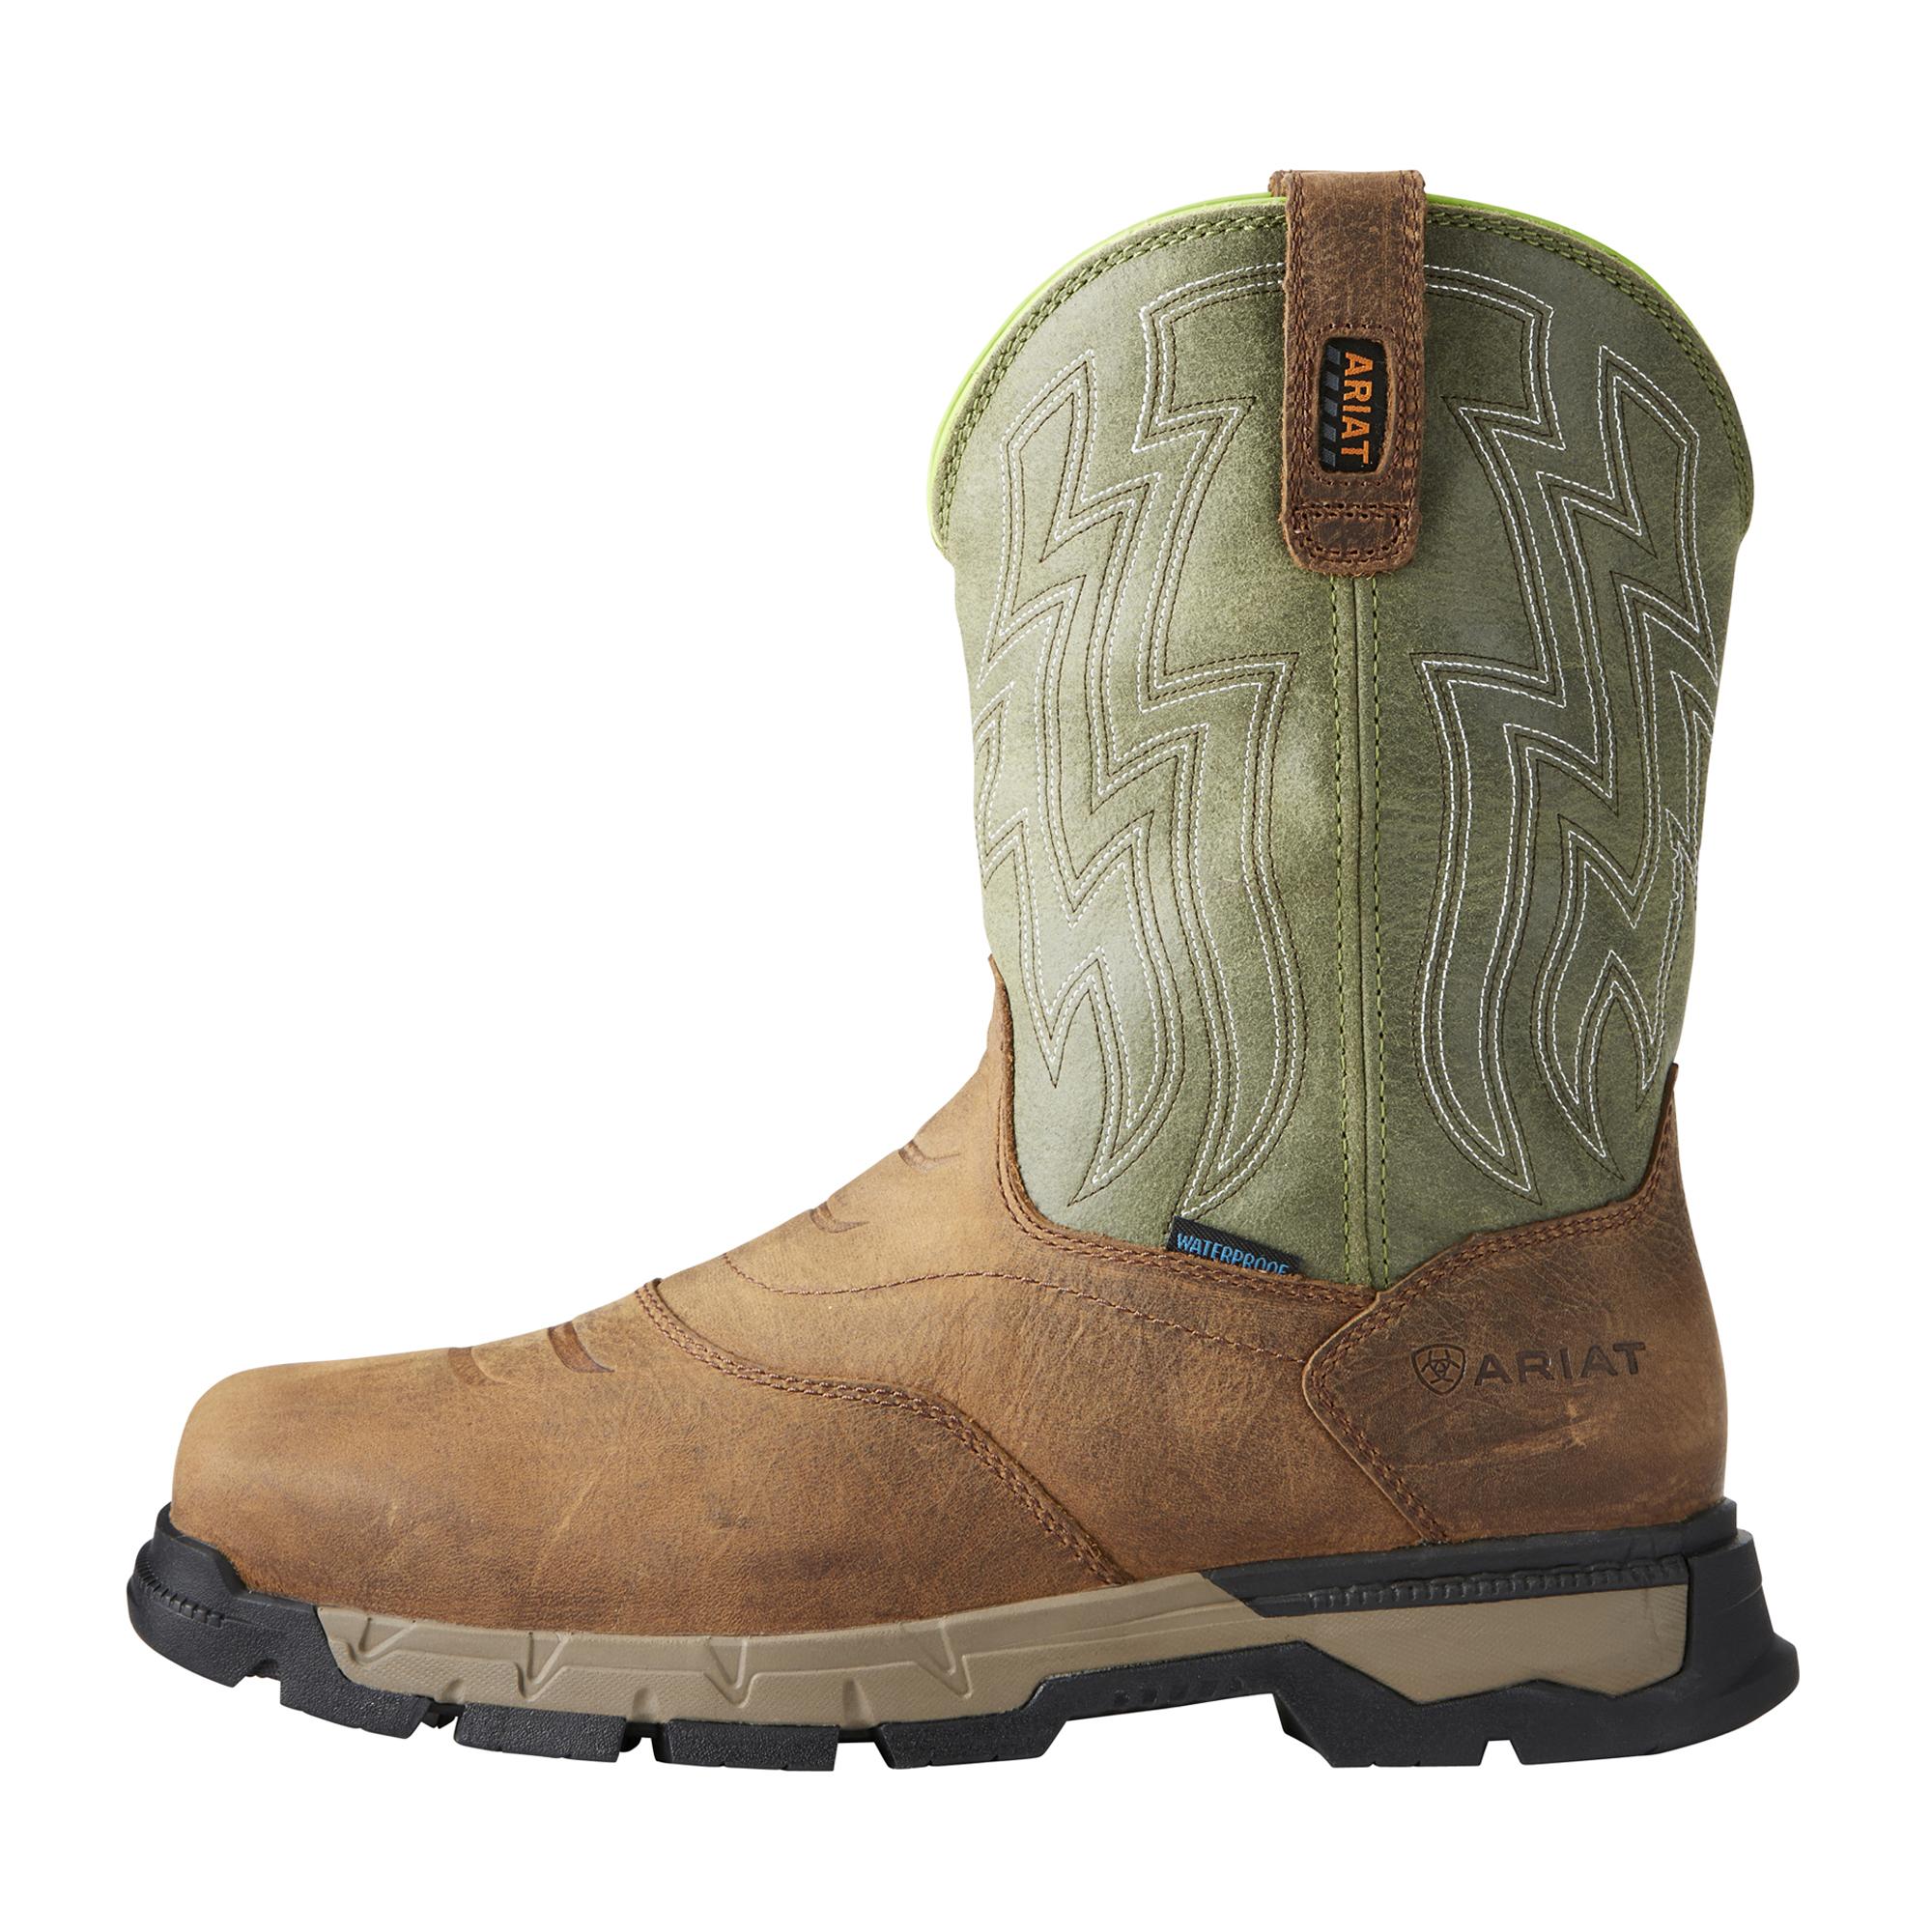 deaaaf9517a Ariat - Men's Rebar Flex Western H20 Composite Toe Boot - Murdoch's